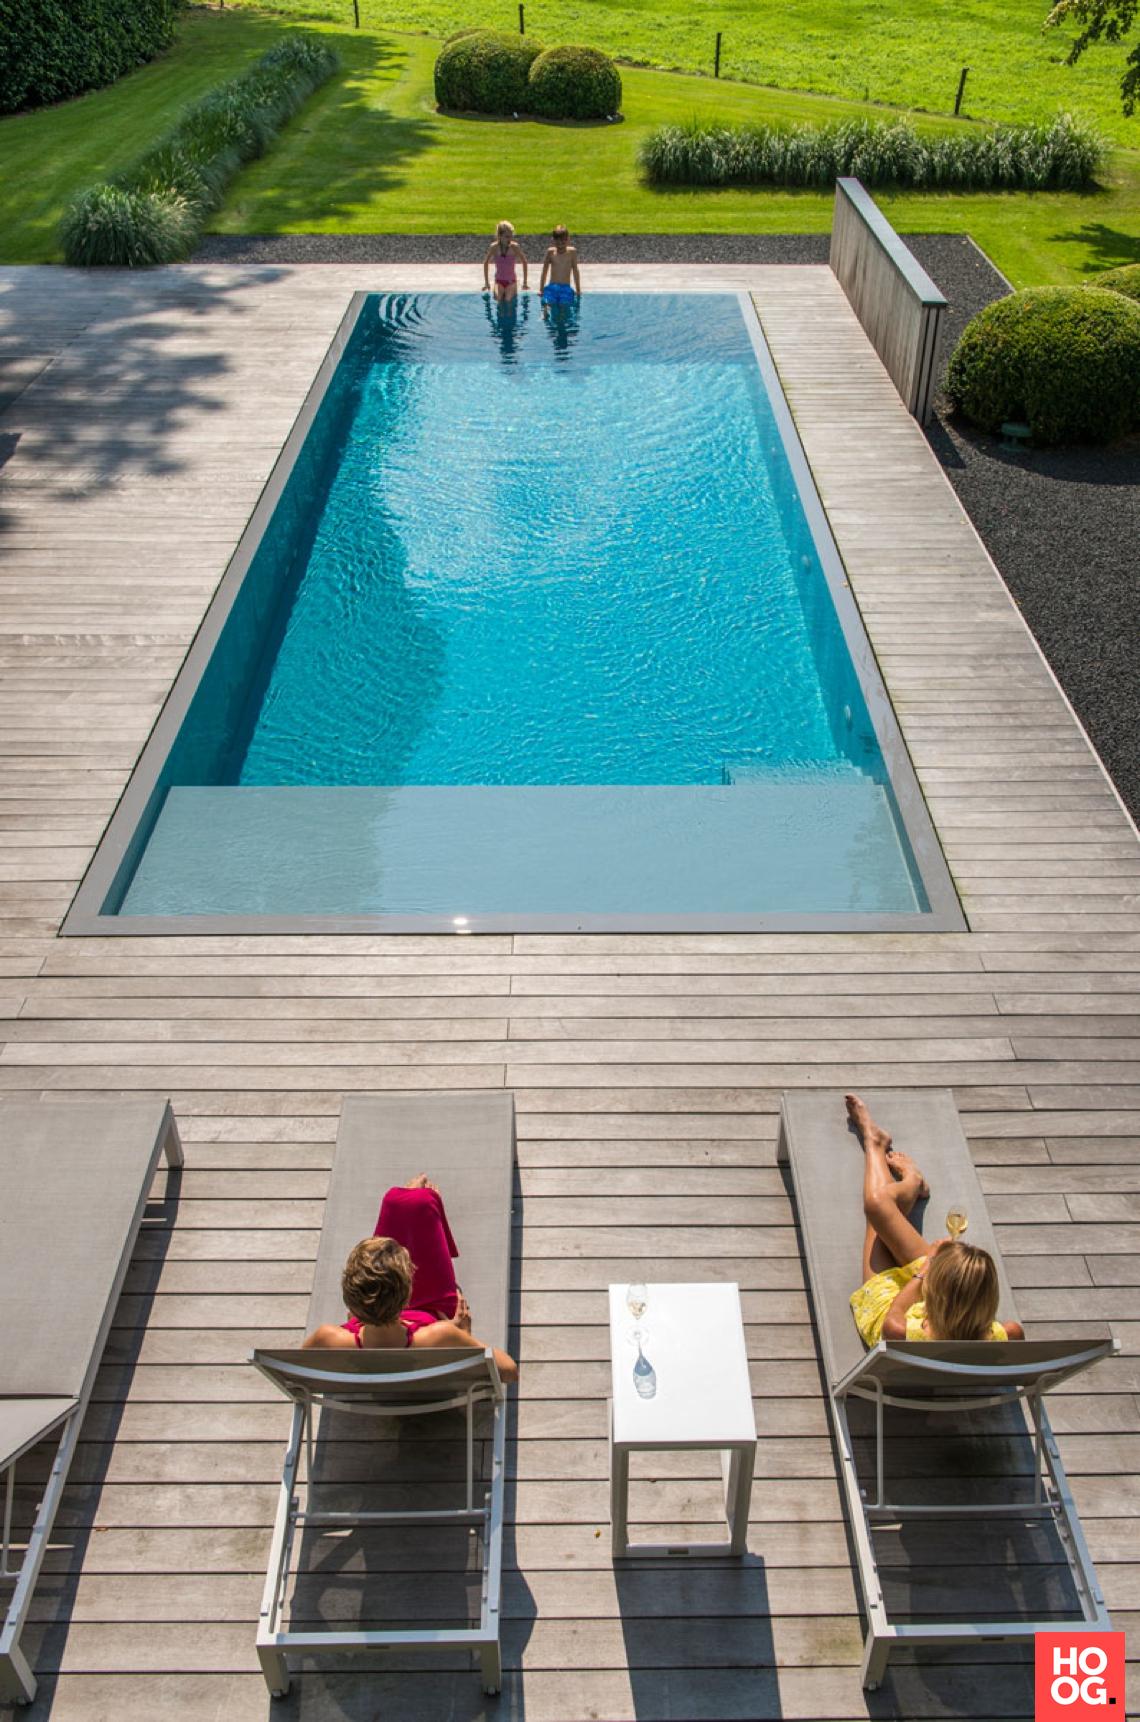 Bio Swimming Pool Merelbeke Pools Backyard Inground Swimming Pool House Swimming Pools Backyard